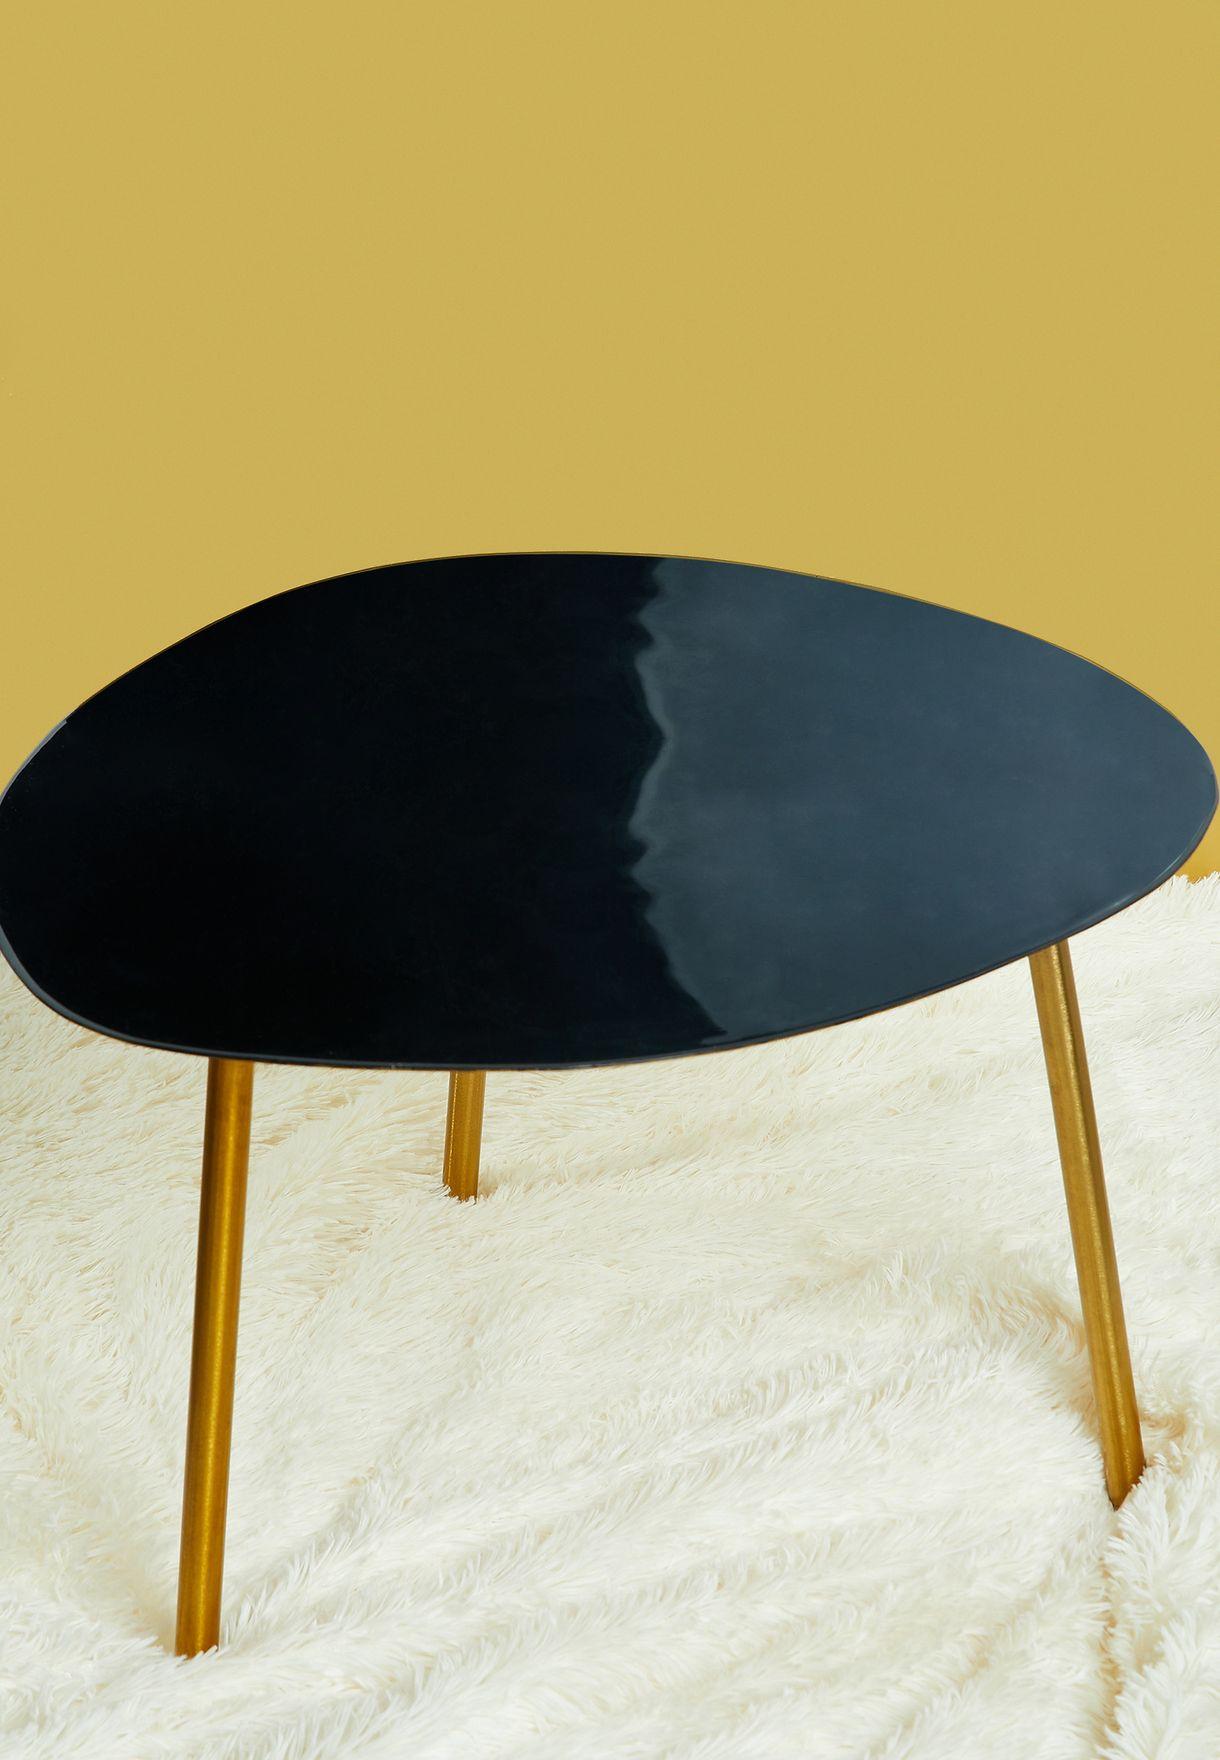 طاولة صغيرة بثلاثة ارجل